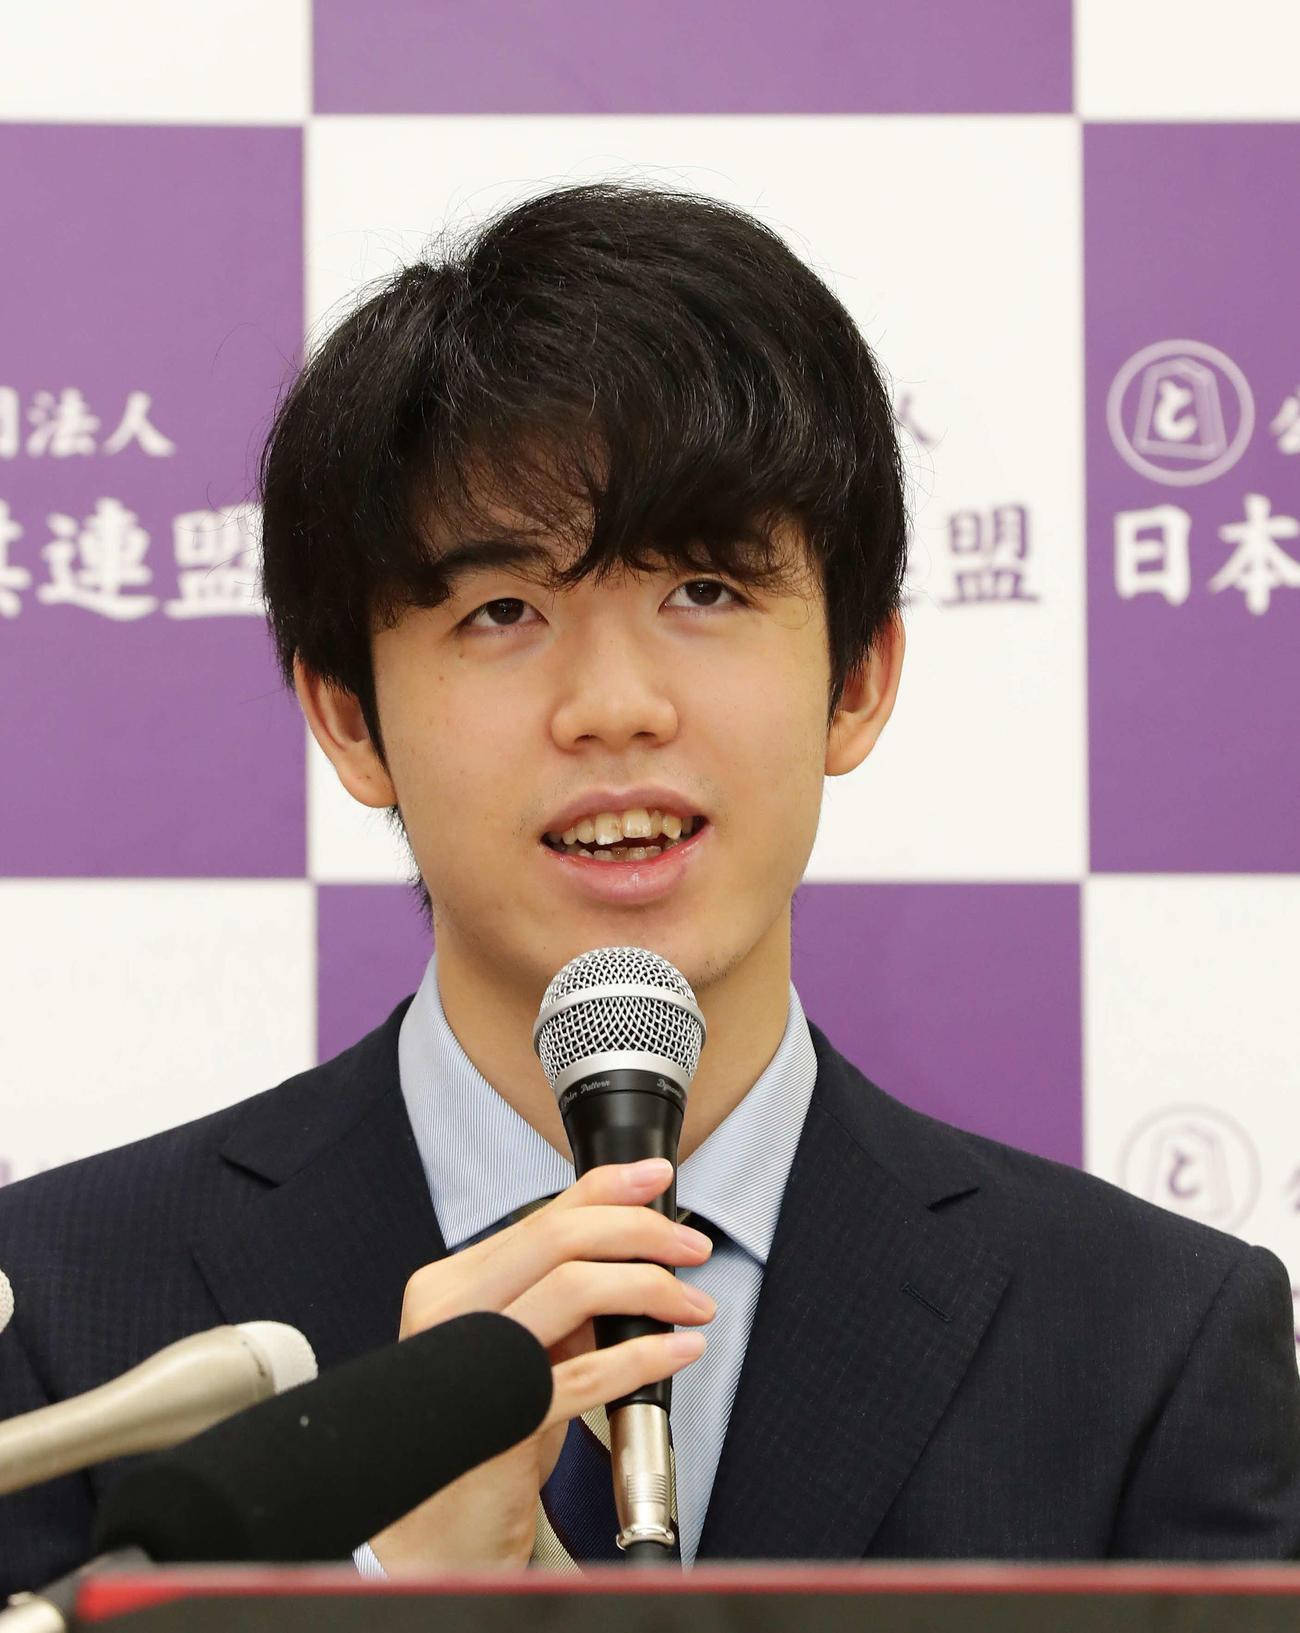 第61期王位戦挑戦者決定戦に勝利して記者会見する藤井七段(撮影・丹羽敏通)